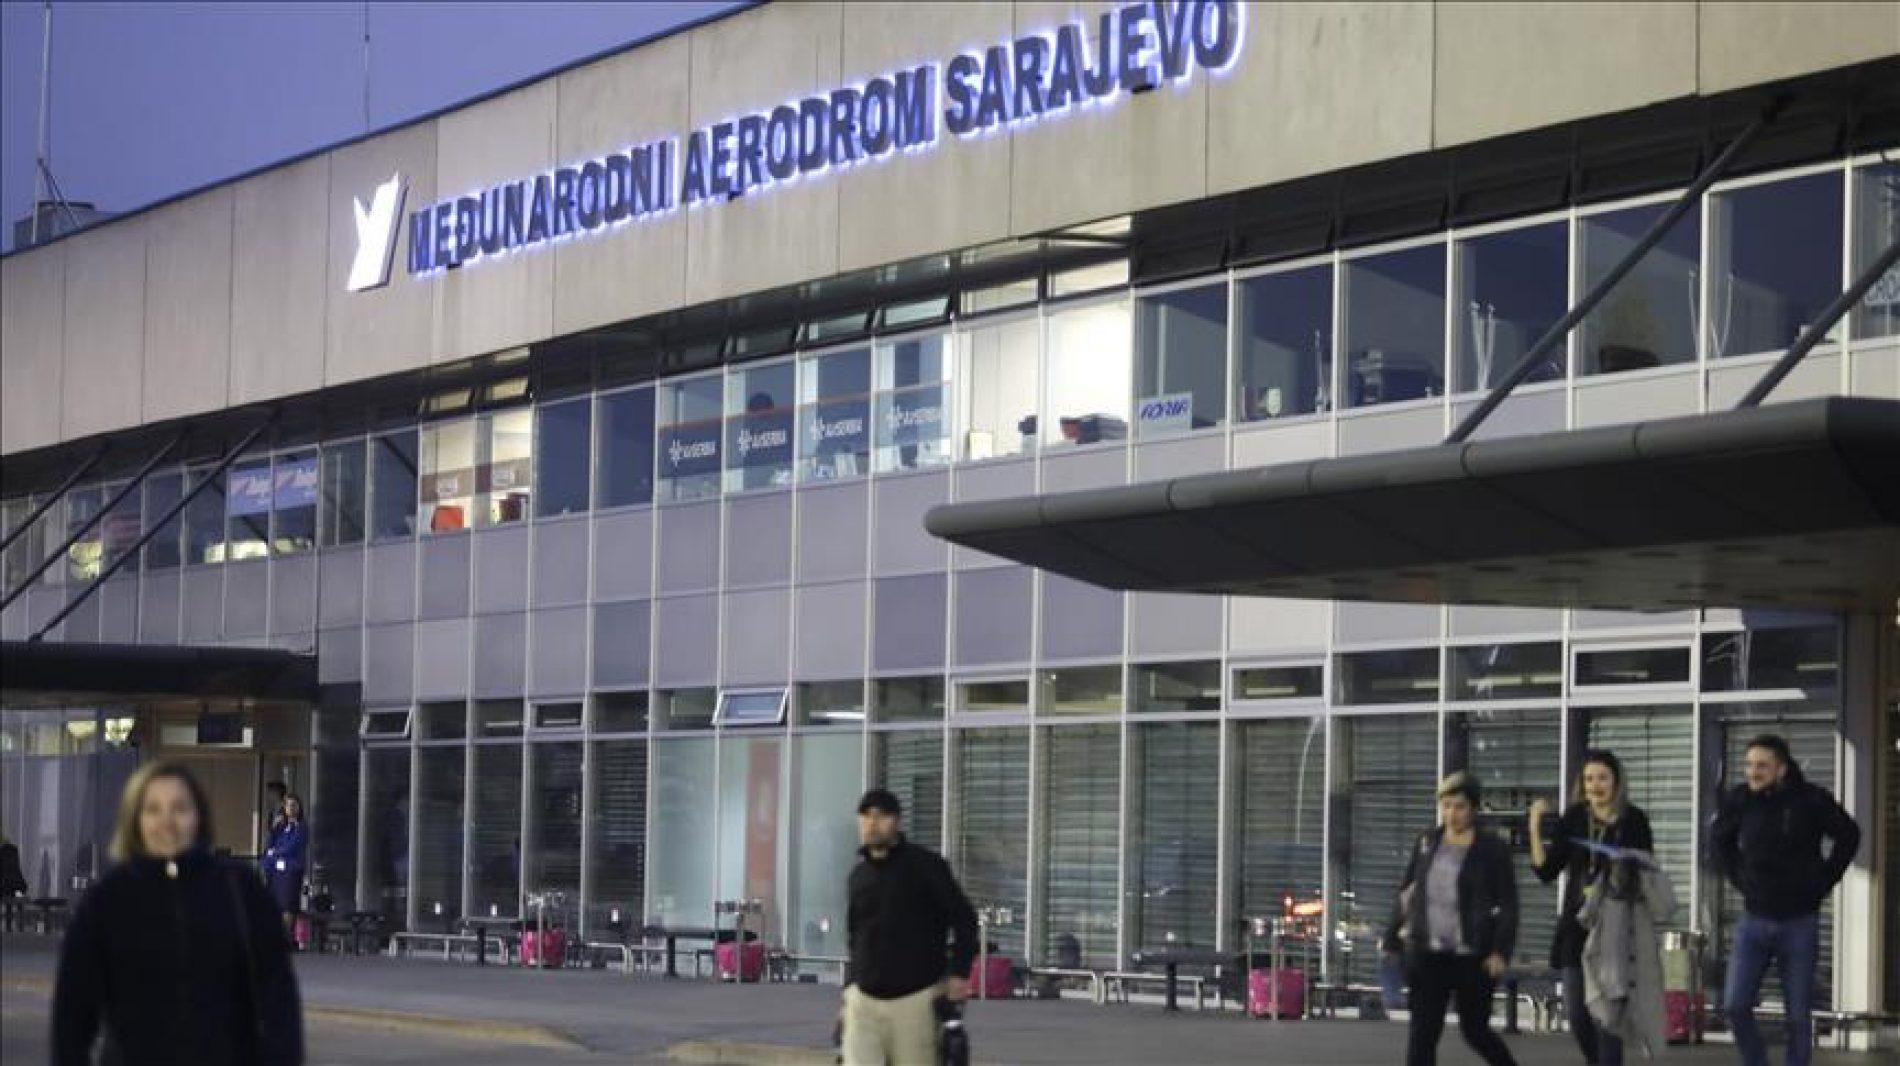 Aerodrom u Sarajevu uveo novu proceduru za slijetanje: Veća bezbjednost, manje gužve i ekonomičnost